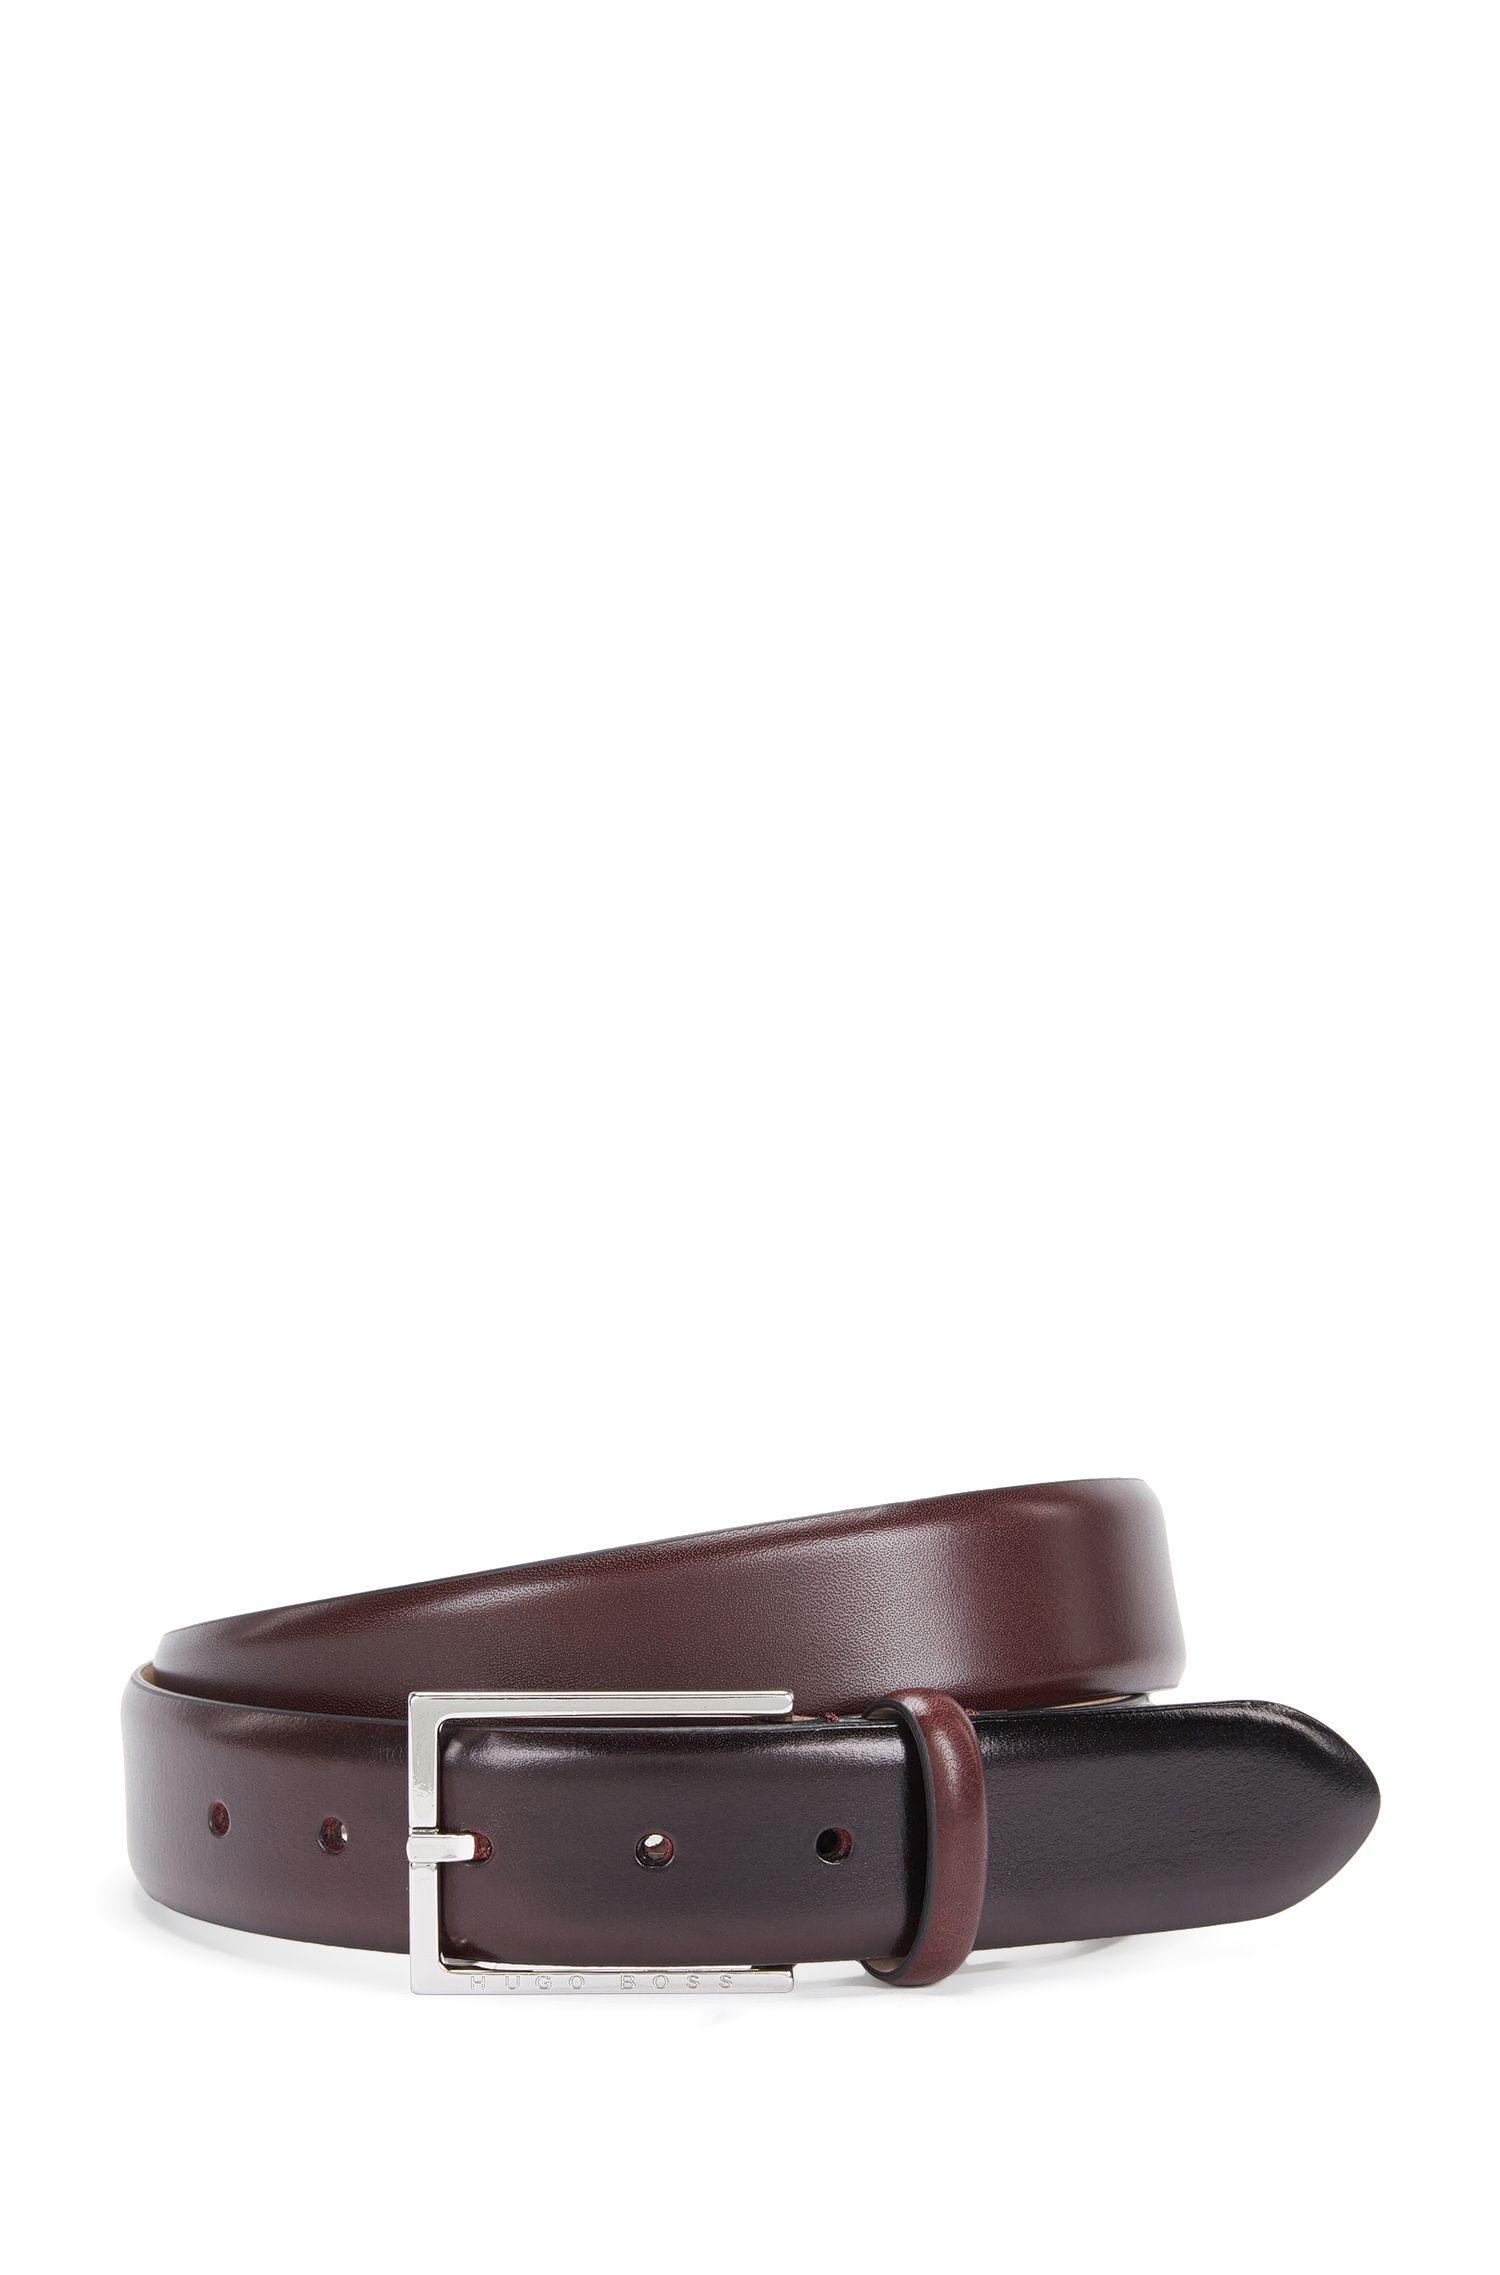 'Ceretio Sz35 ltpl' | Italian Leather Belt